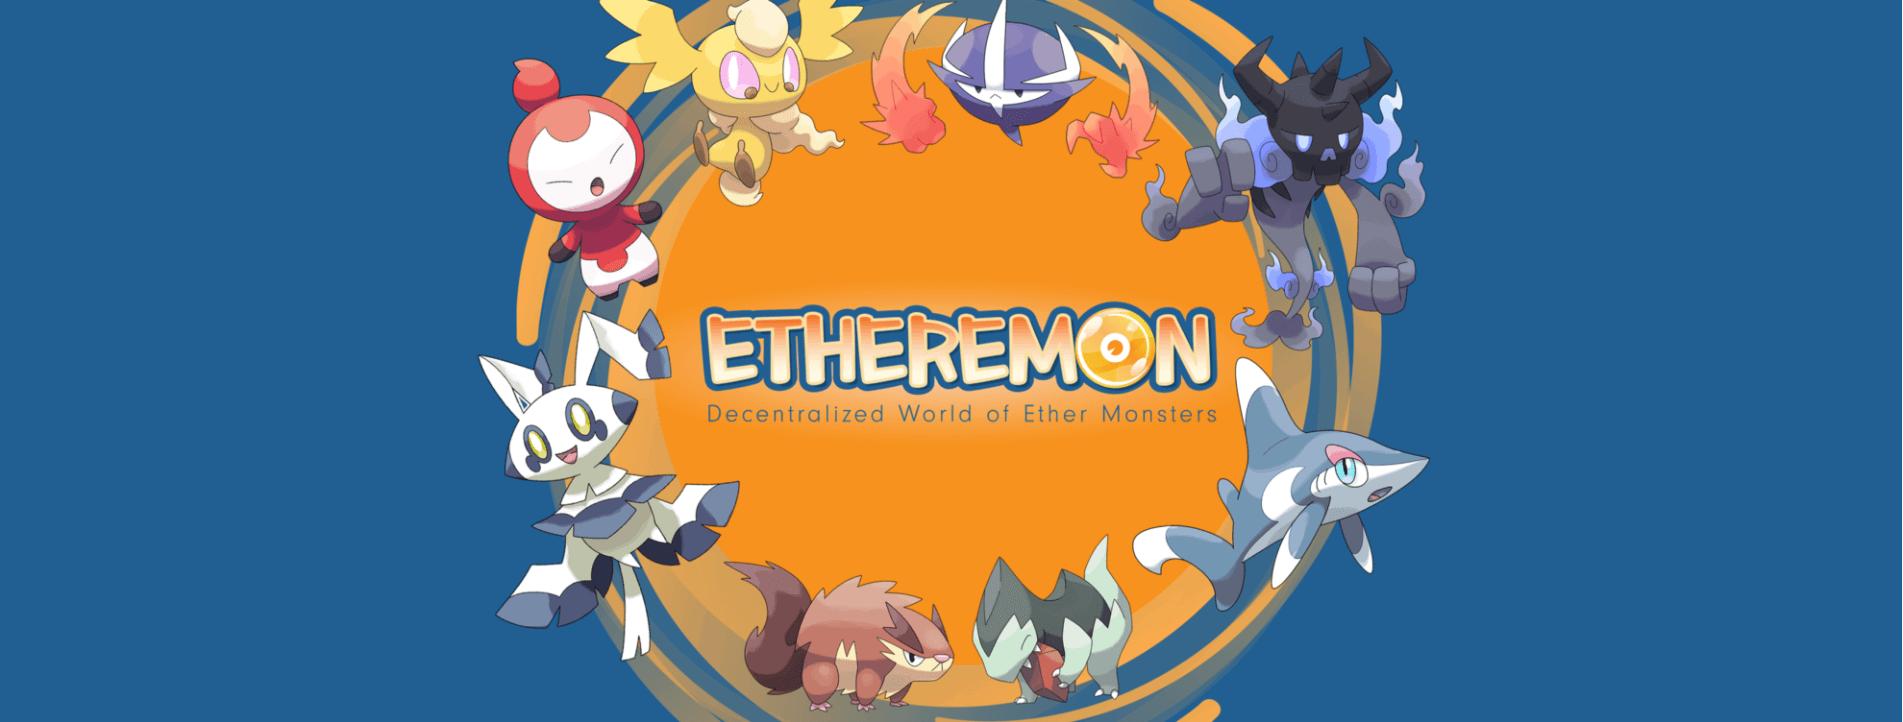 DApps『Etheremon(イーサエモン)』の特徴や登録方法、遊び方、稼ぎ方は?